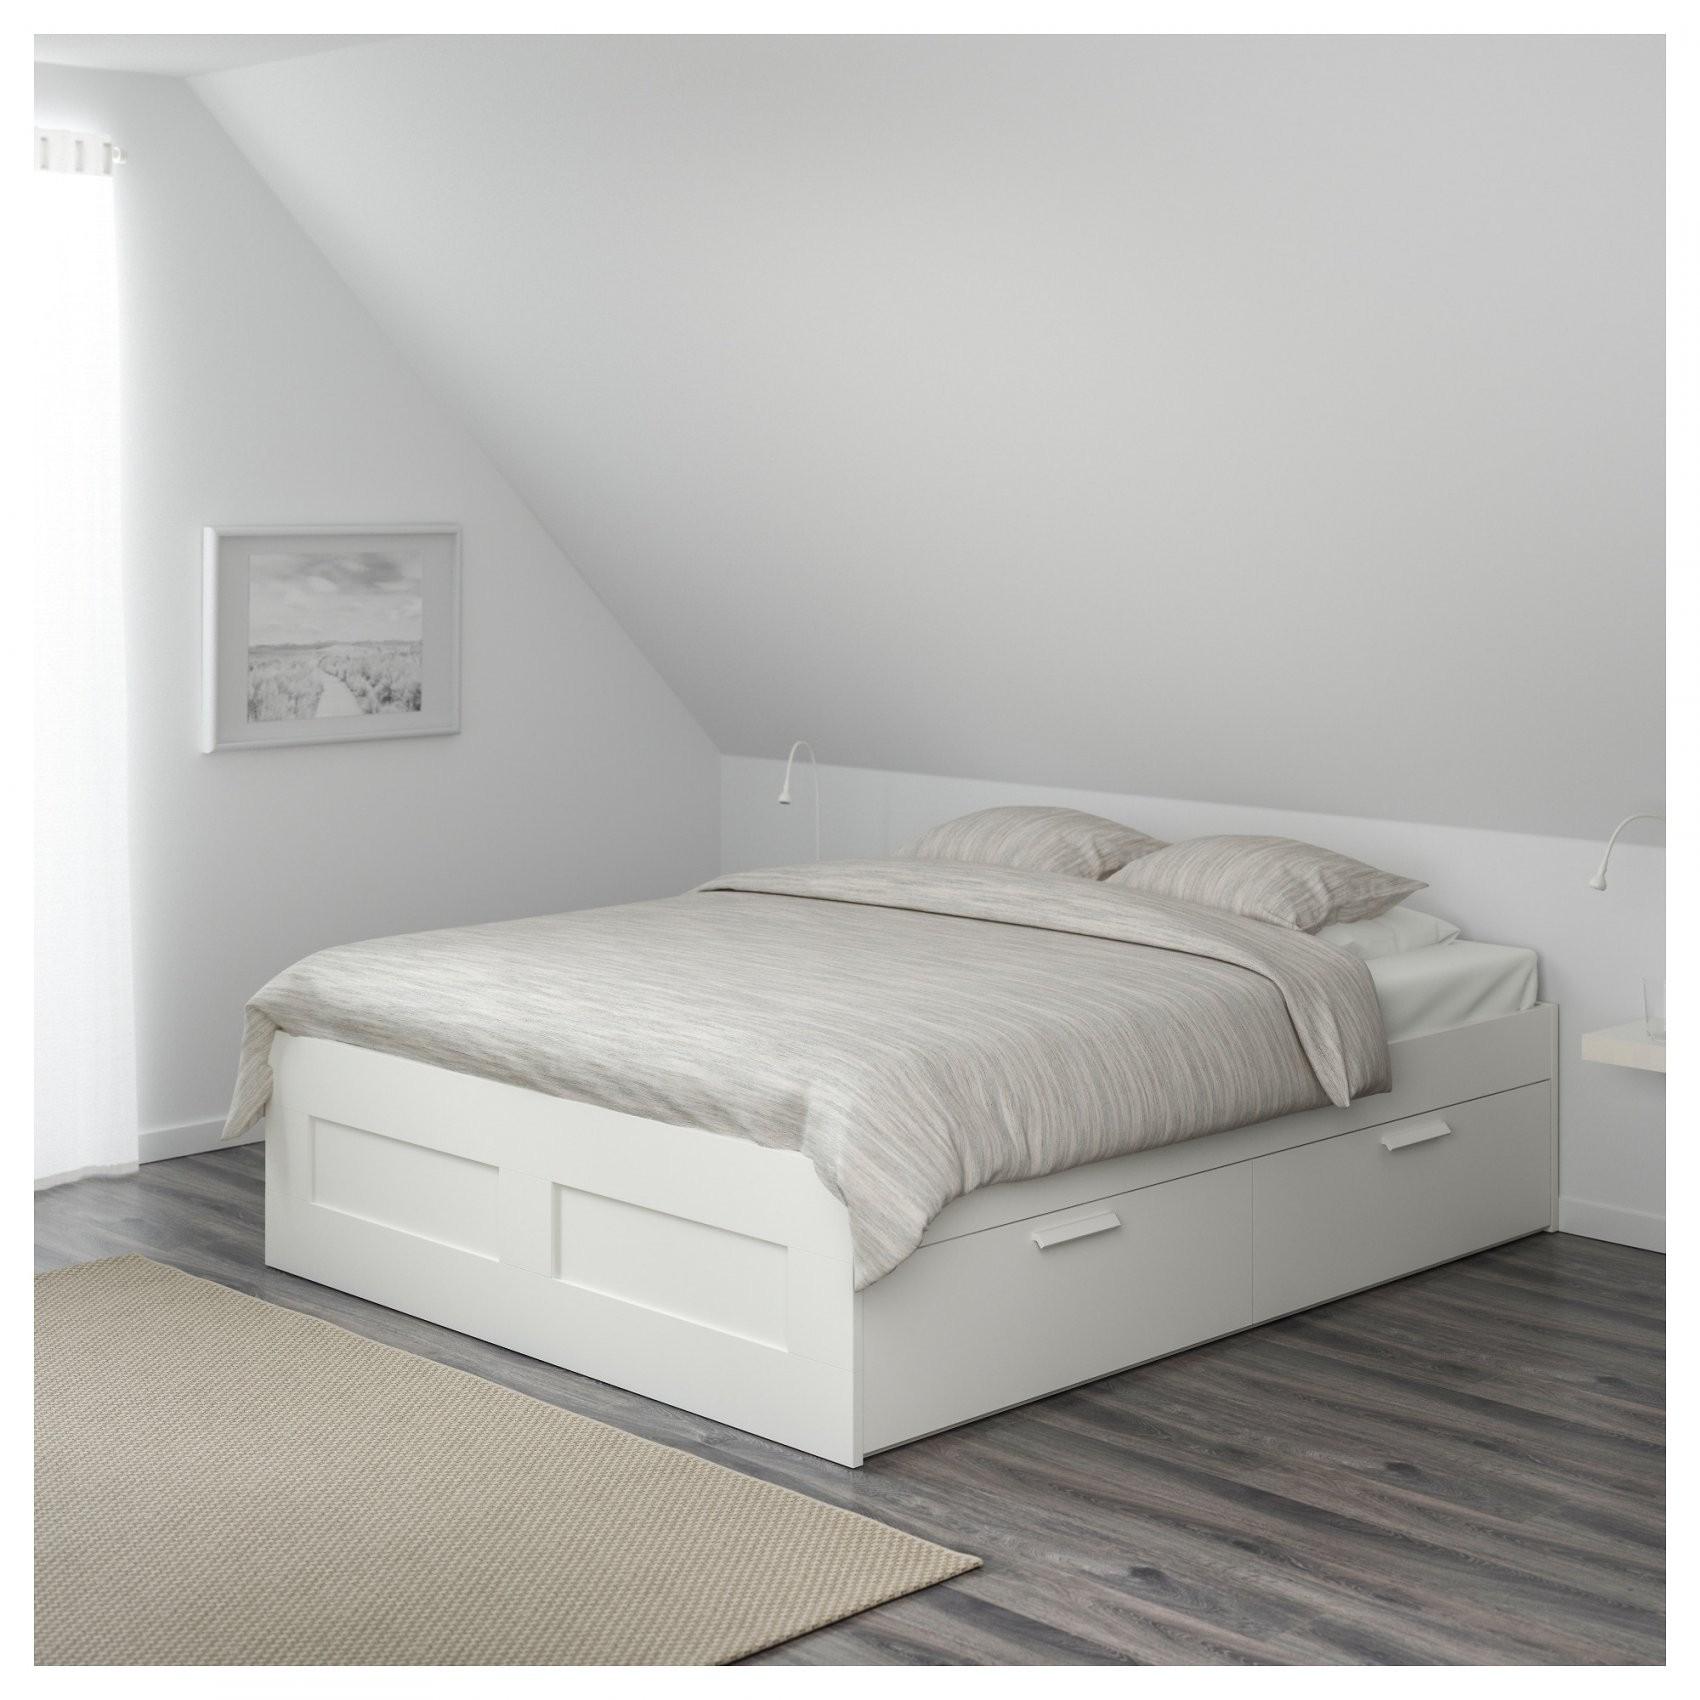 Brimnes Bedframe Met Opberglades  160X200 Cm  Wit  Ikea von Ikea Betten 160X200 Photo